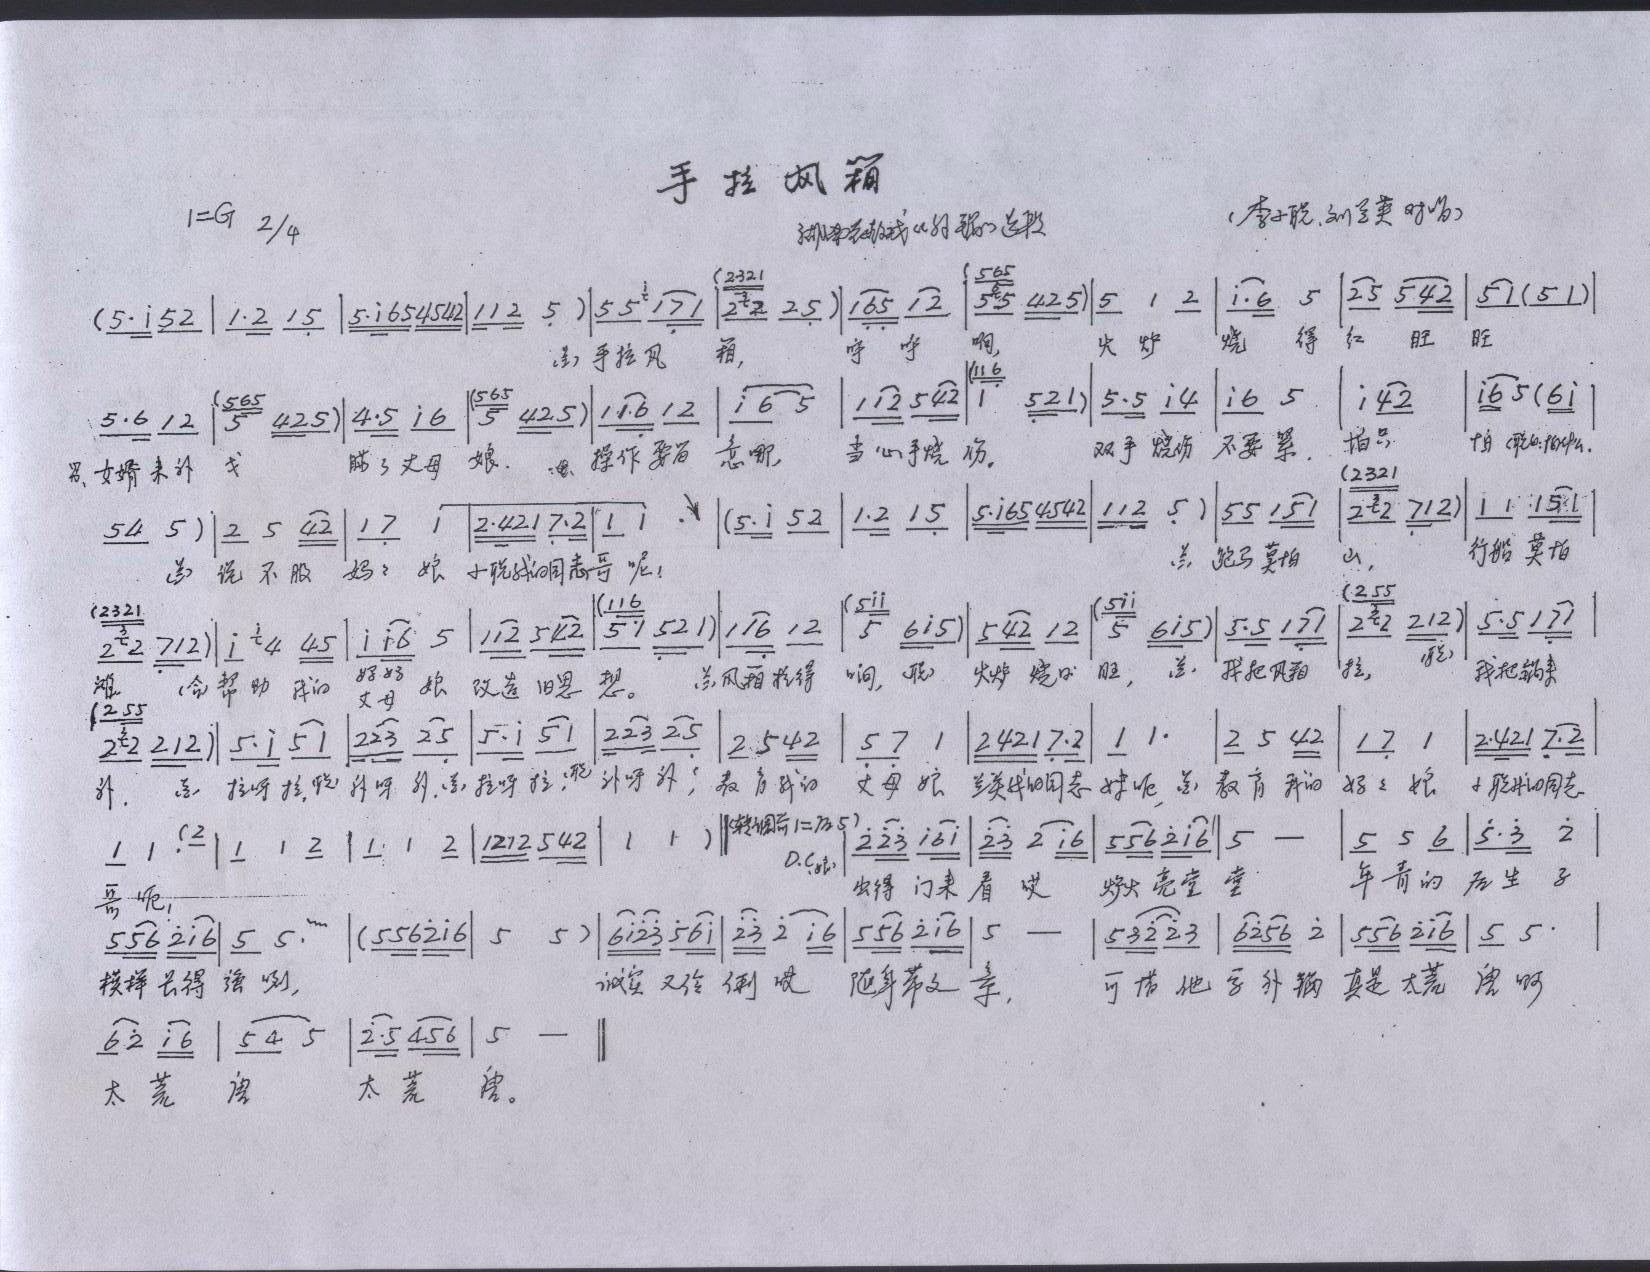 手拉风箱---湖南花鼓戏《补锅》选段简谱